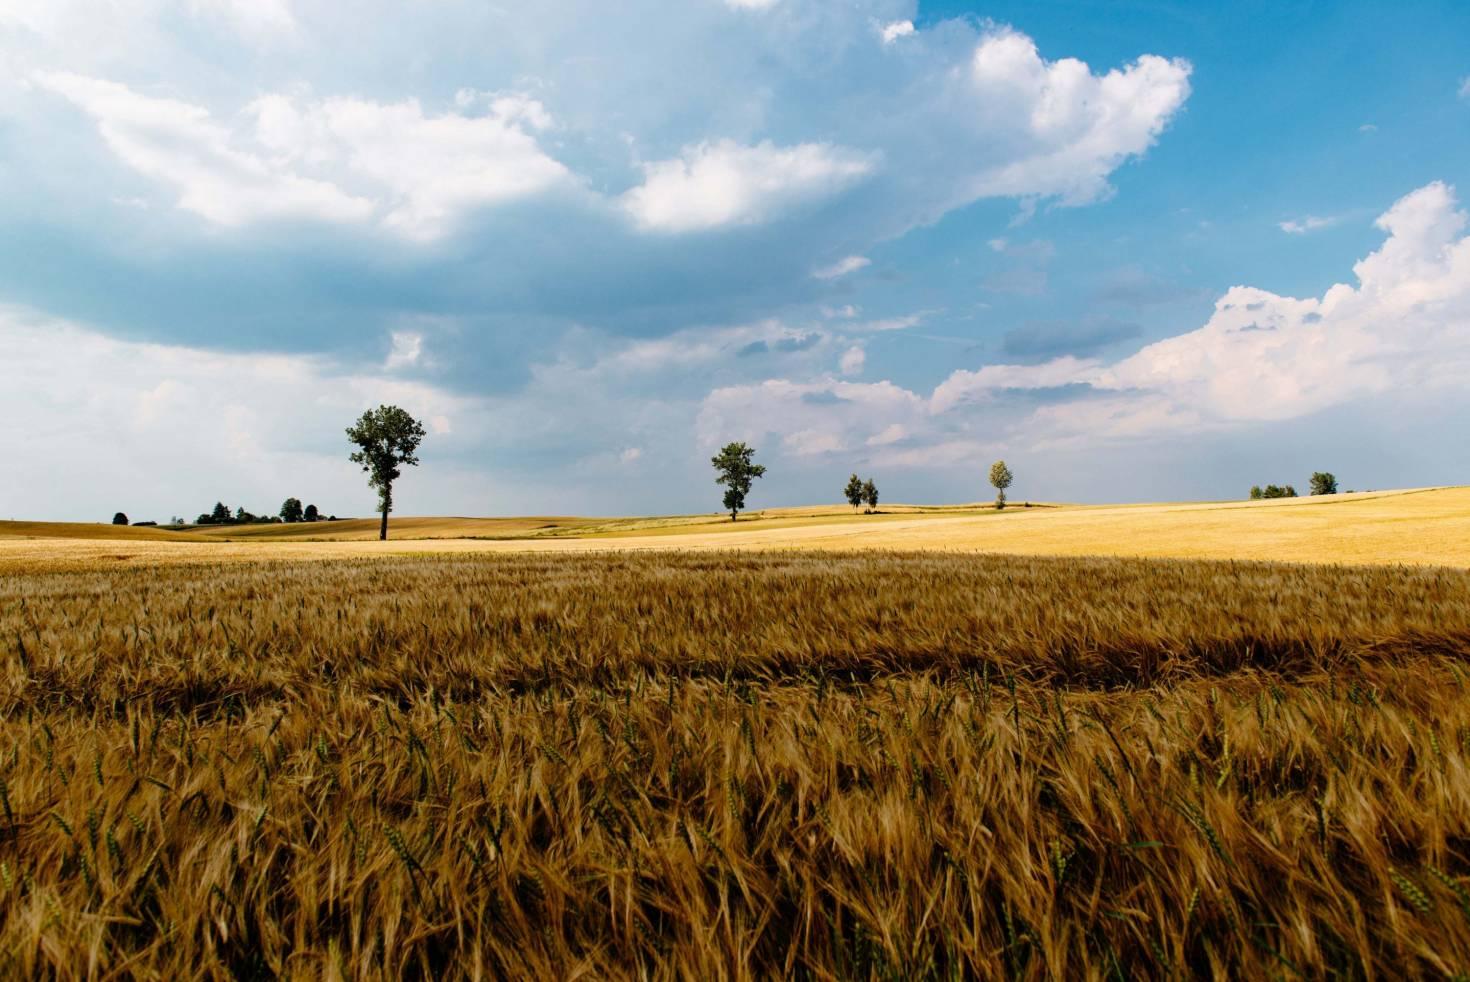 A Farm Landscape